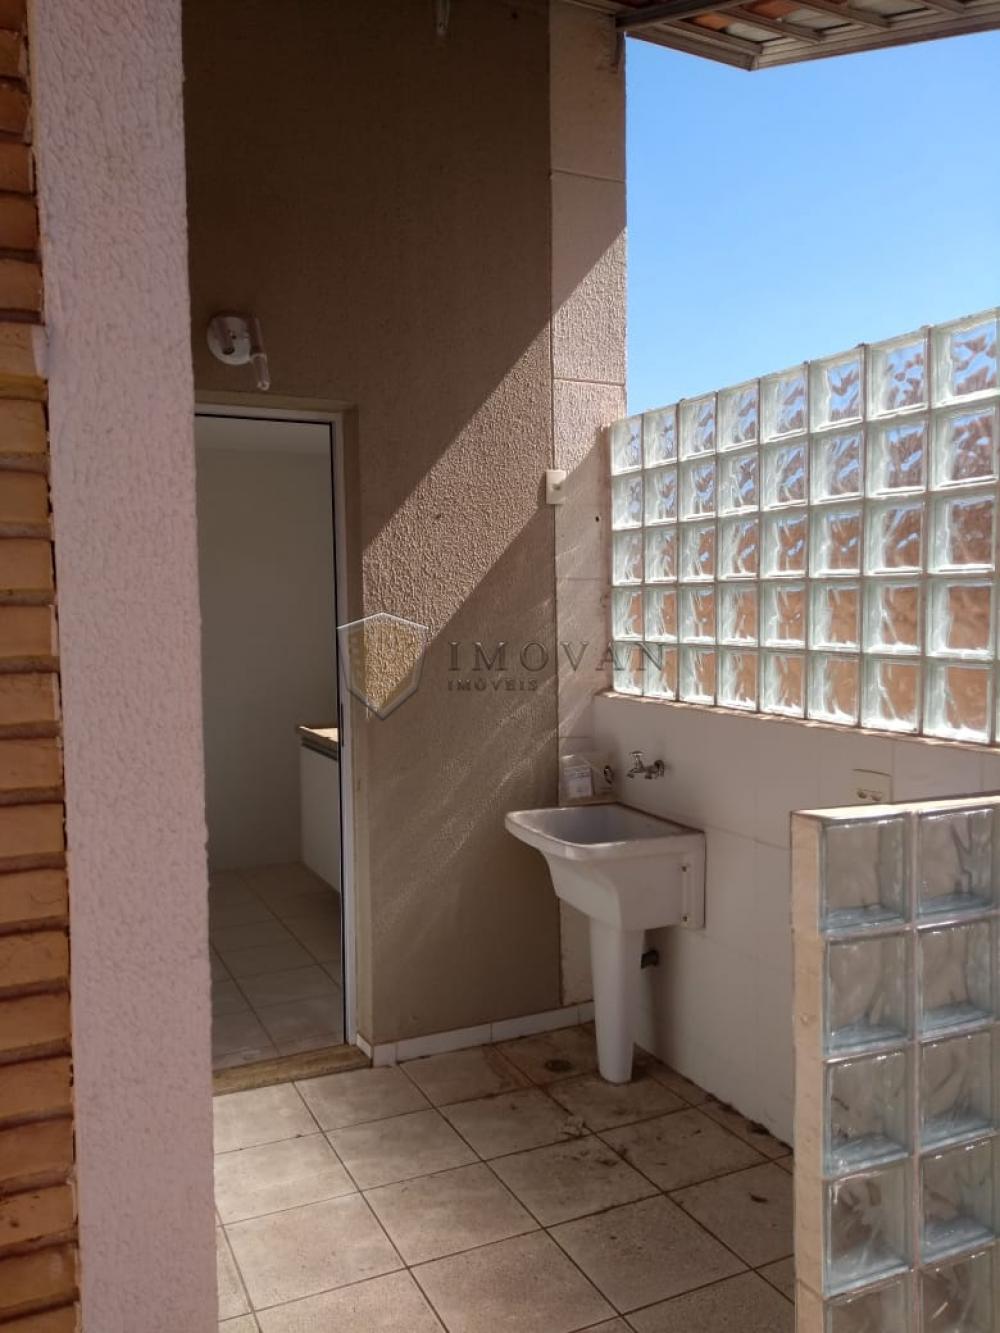 Comprar Casa / Condomínio em Ribeirão Preto apenas R$ 400.000,00 - Foto 10